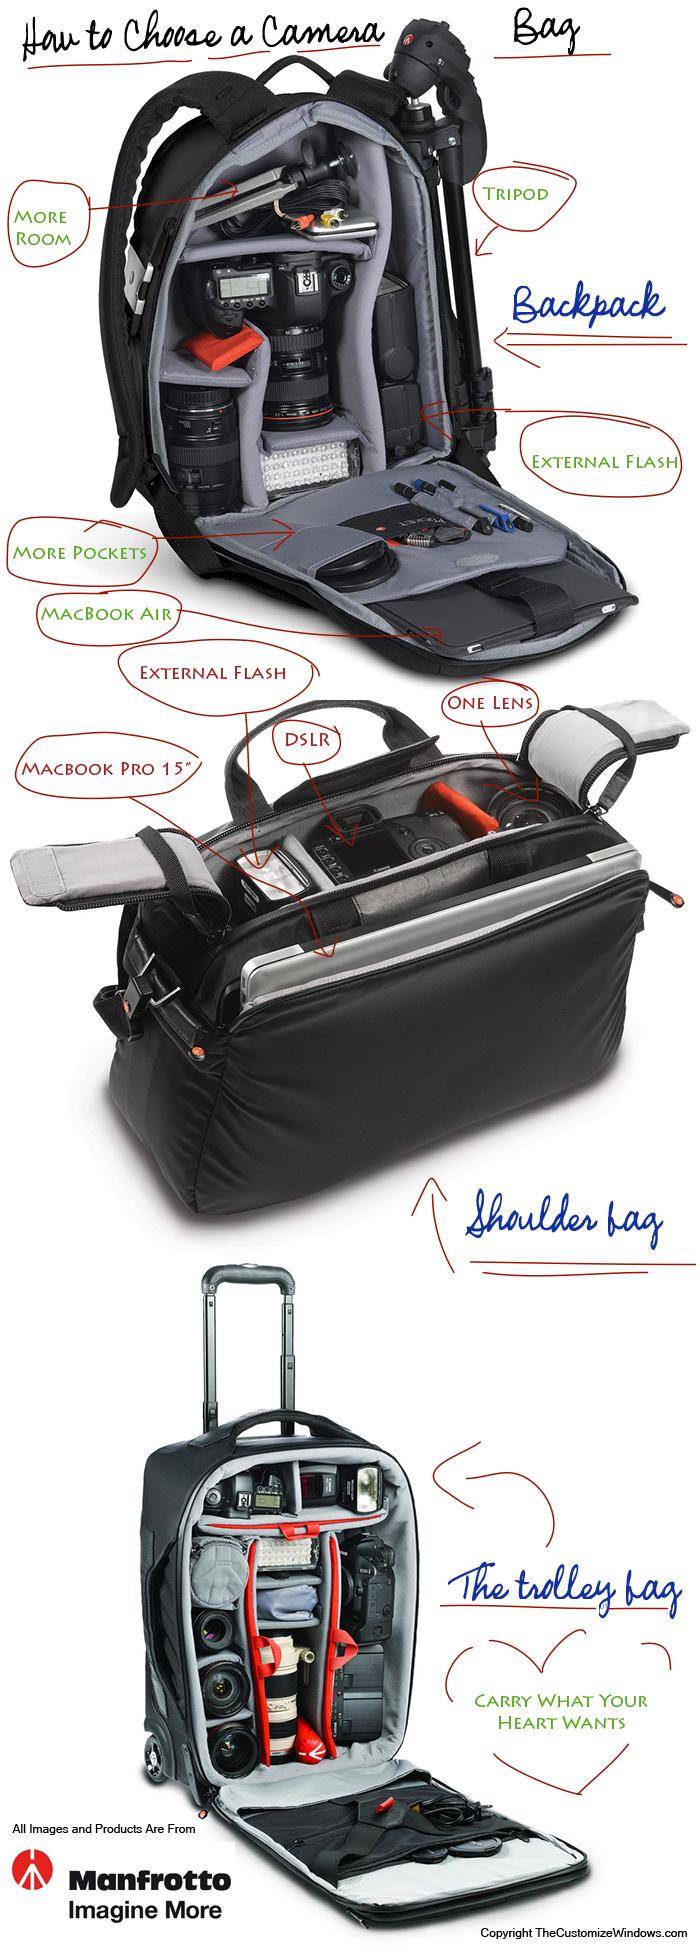 How-to-Choose-a-Camera-Bag